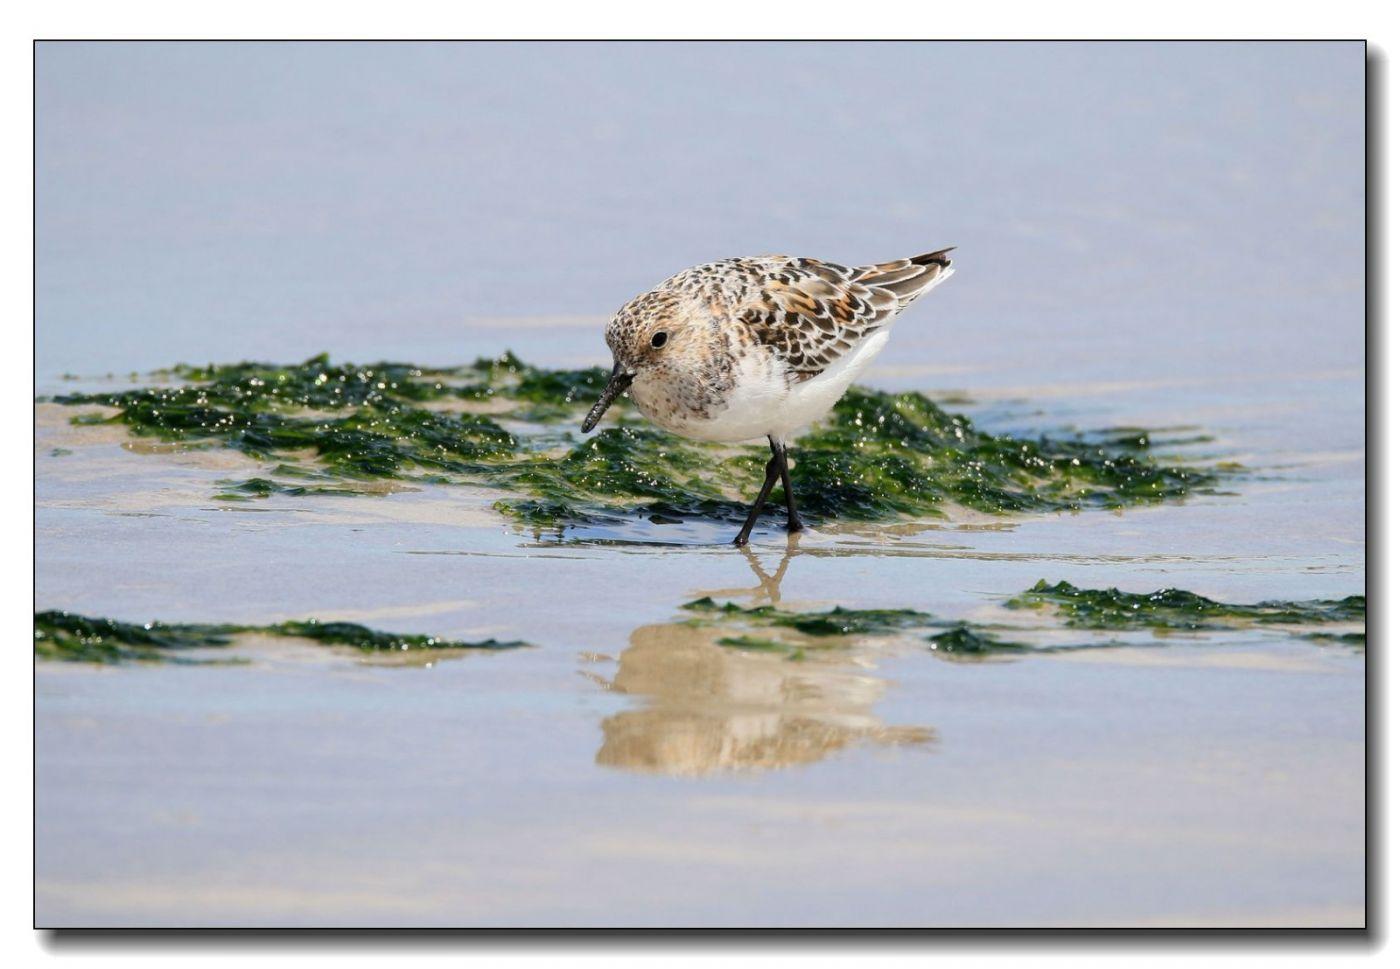 洛克威海滩拍鸟—滨鹬_图1-16